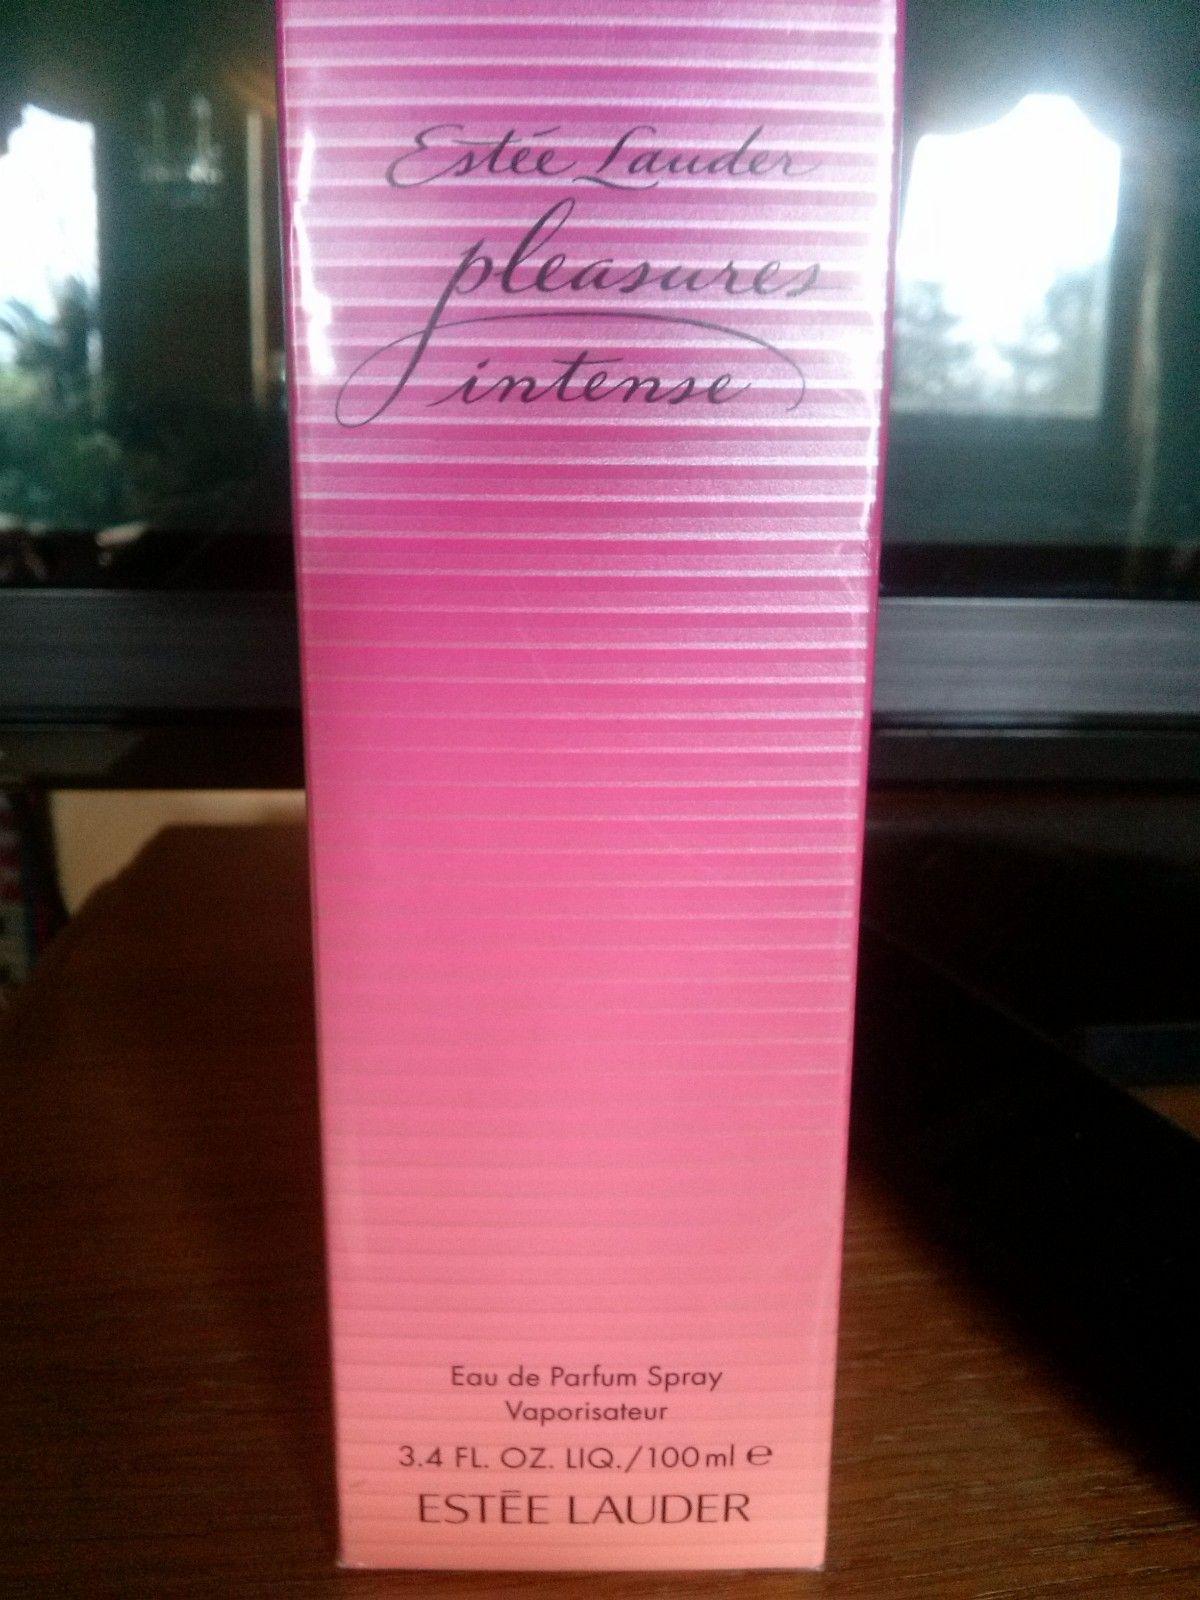 Este Lauder Pleasures Intense Eau De Parfum 100 Ml Selges Estee For Women Edp 100ml